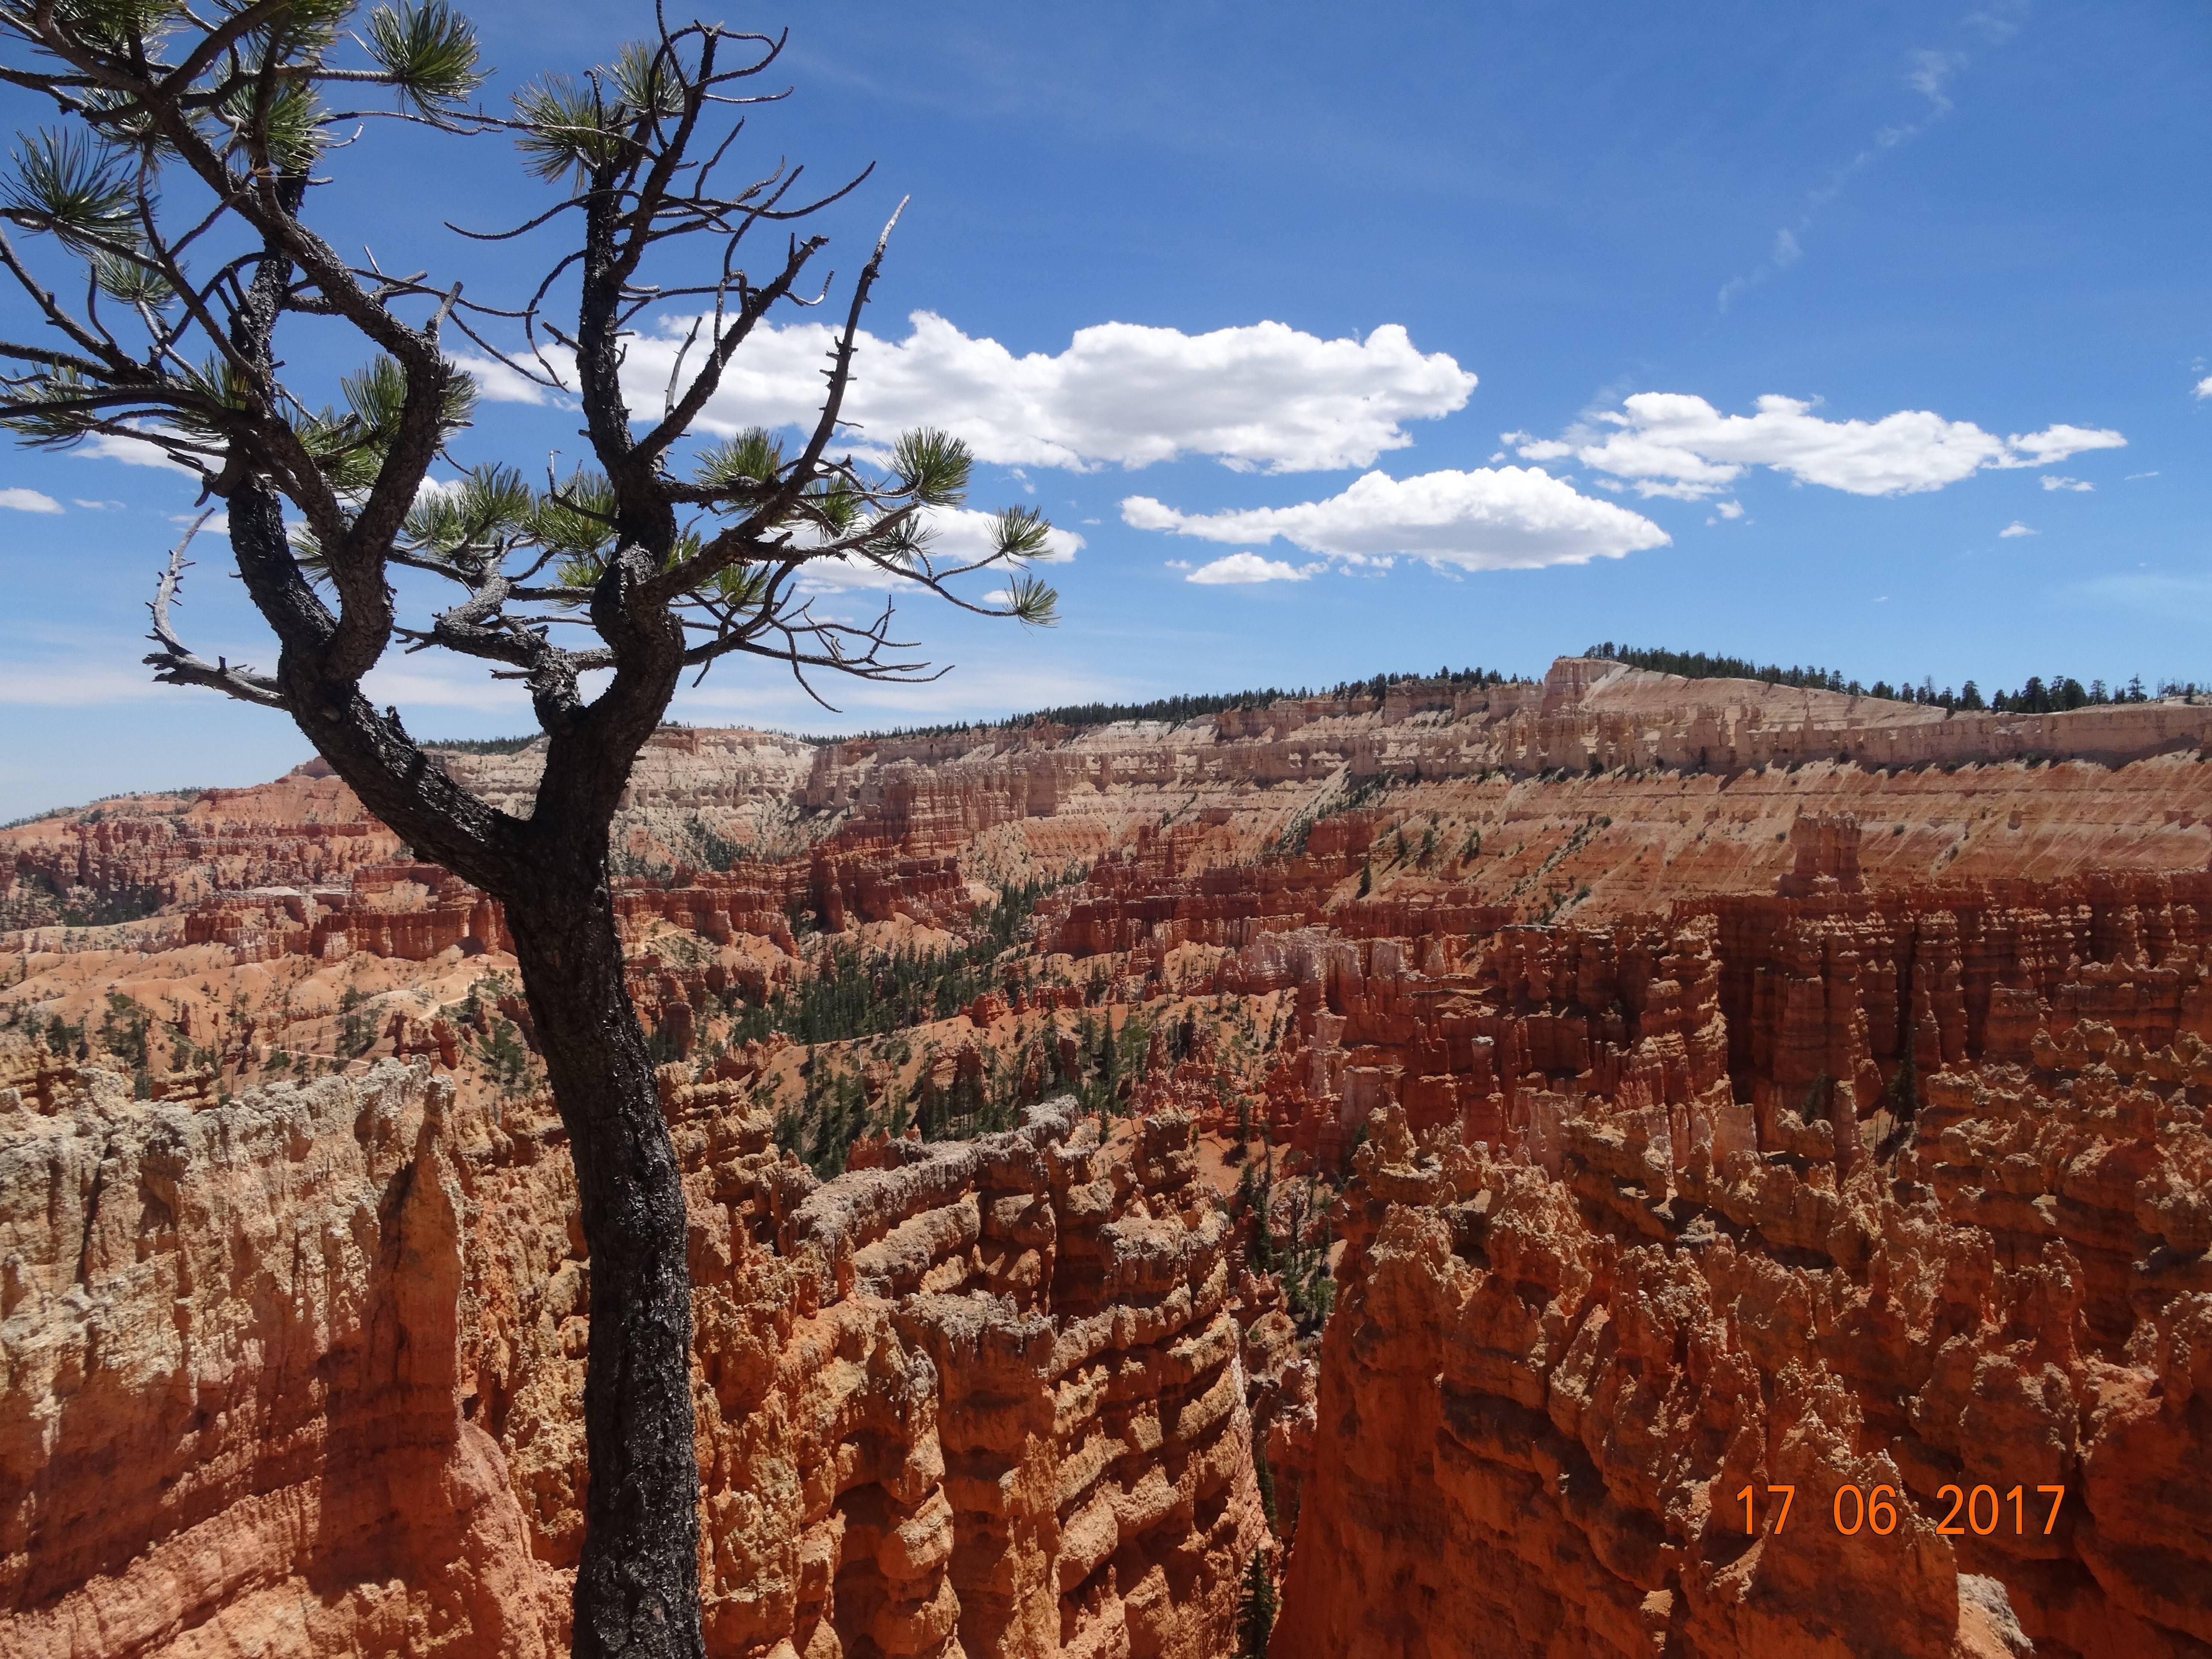 Photo 2: Bryce Canyon, encore une merveille de la nature